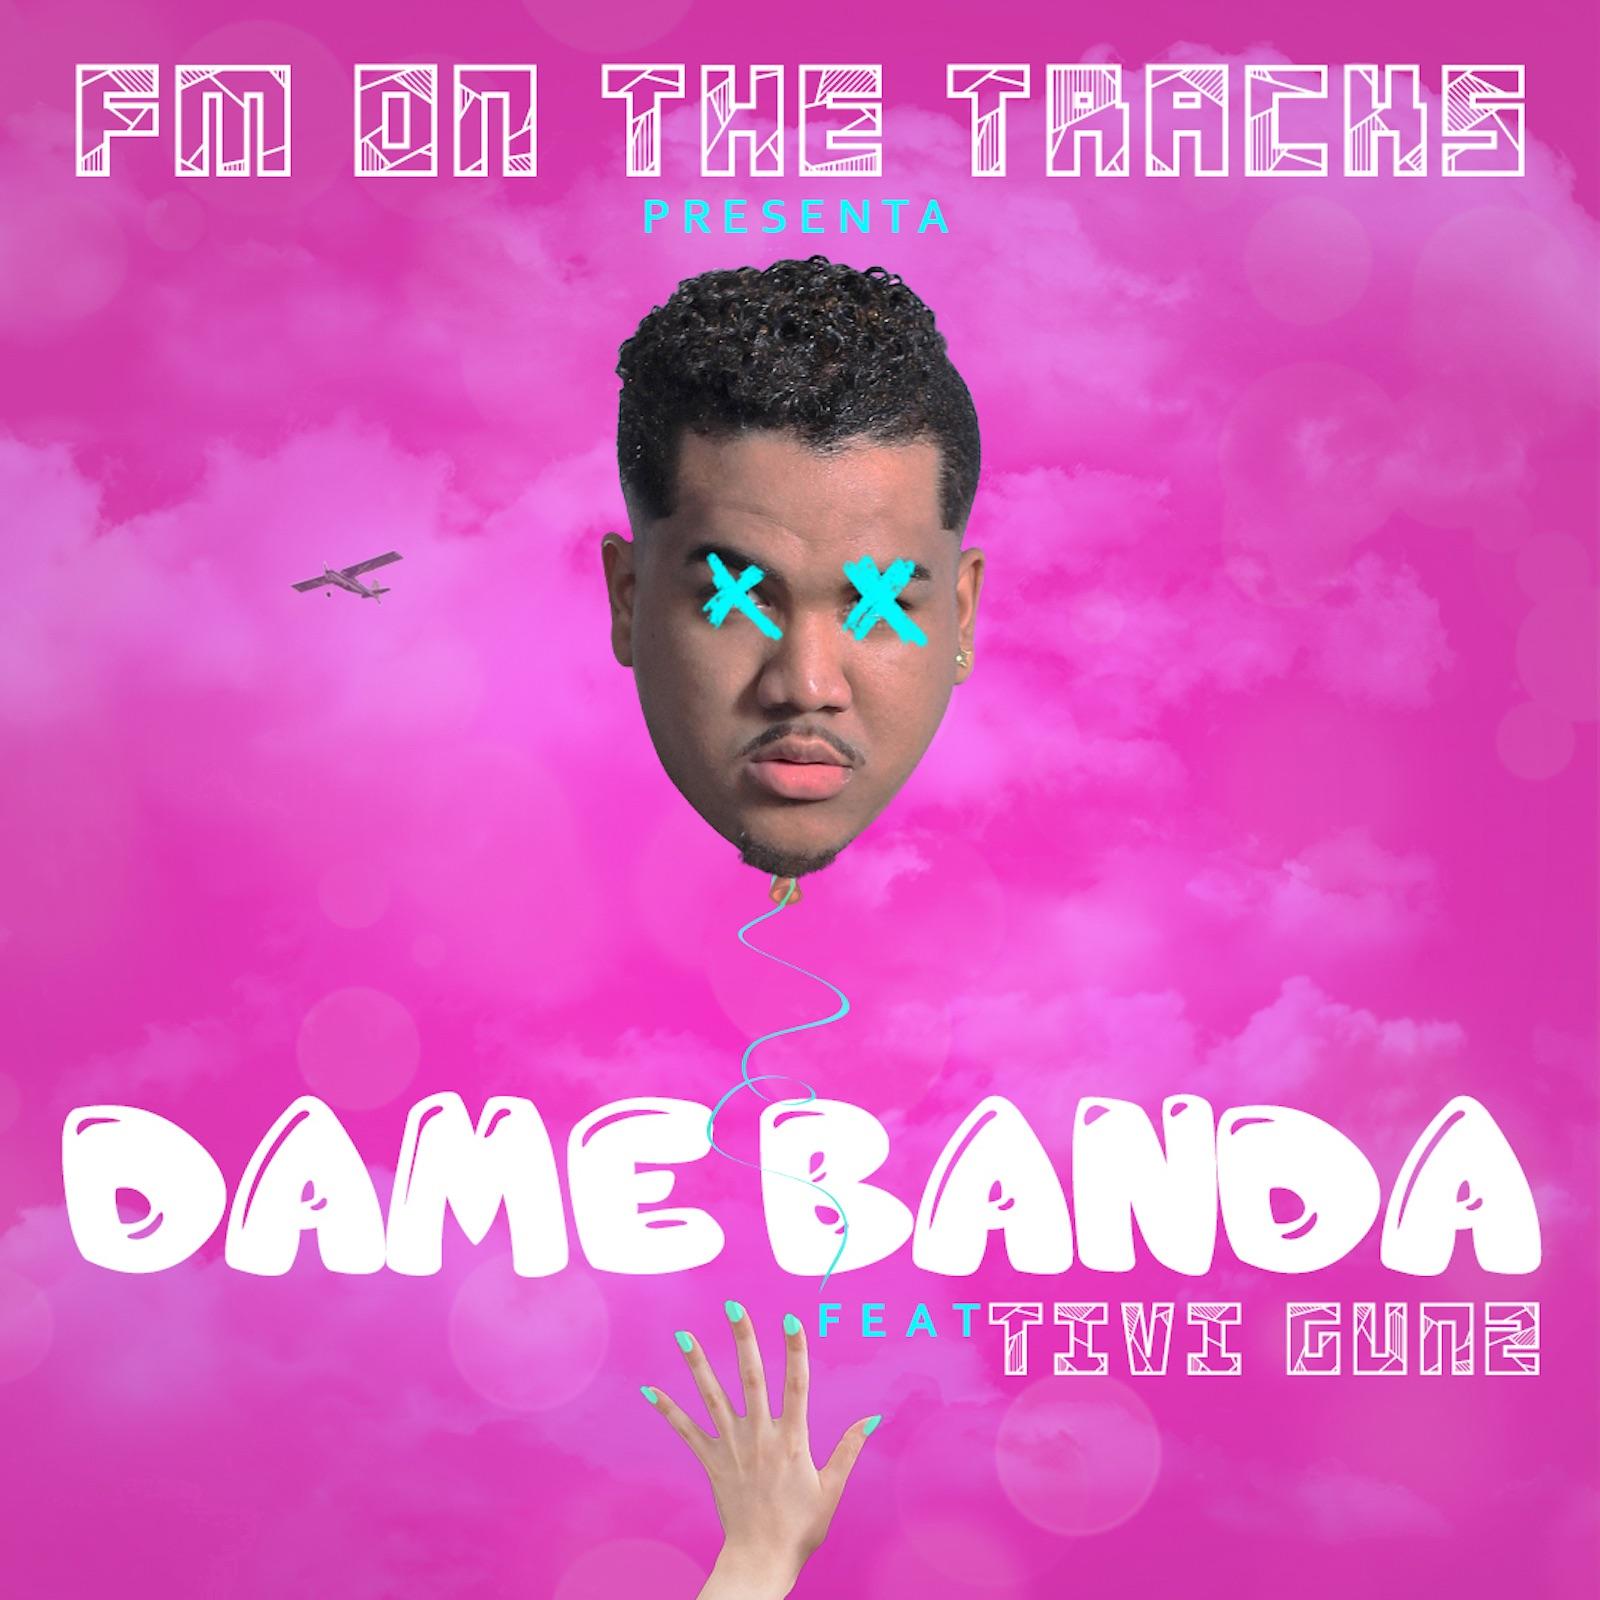 Dame Banda (feat. Tivi Gunz) - Single